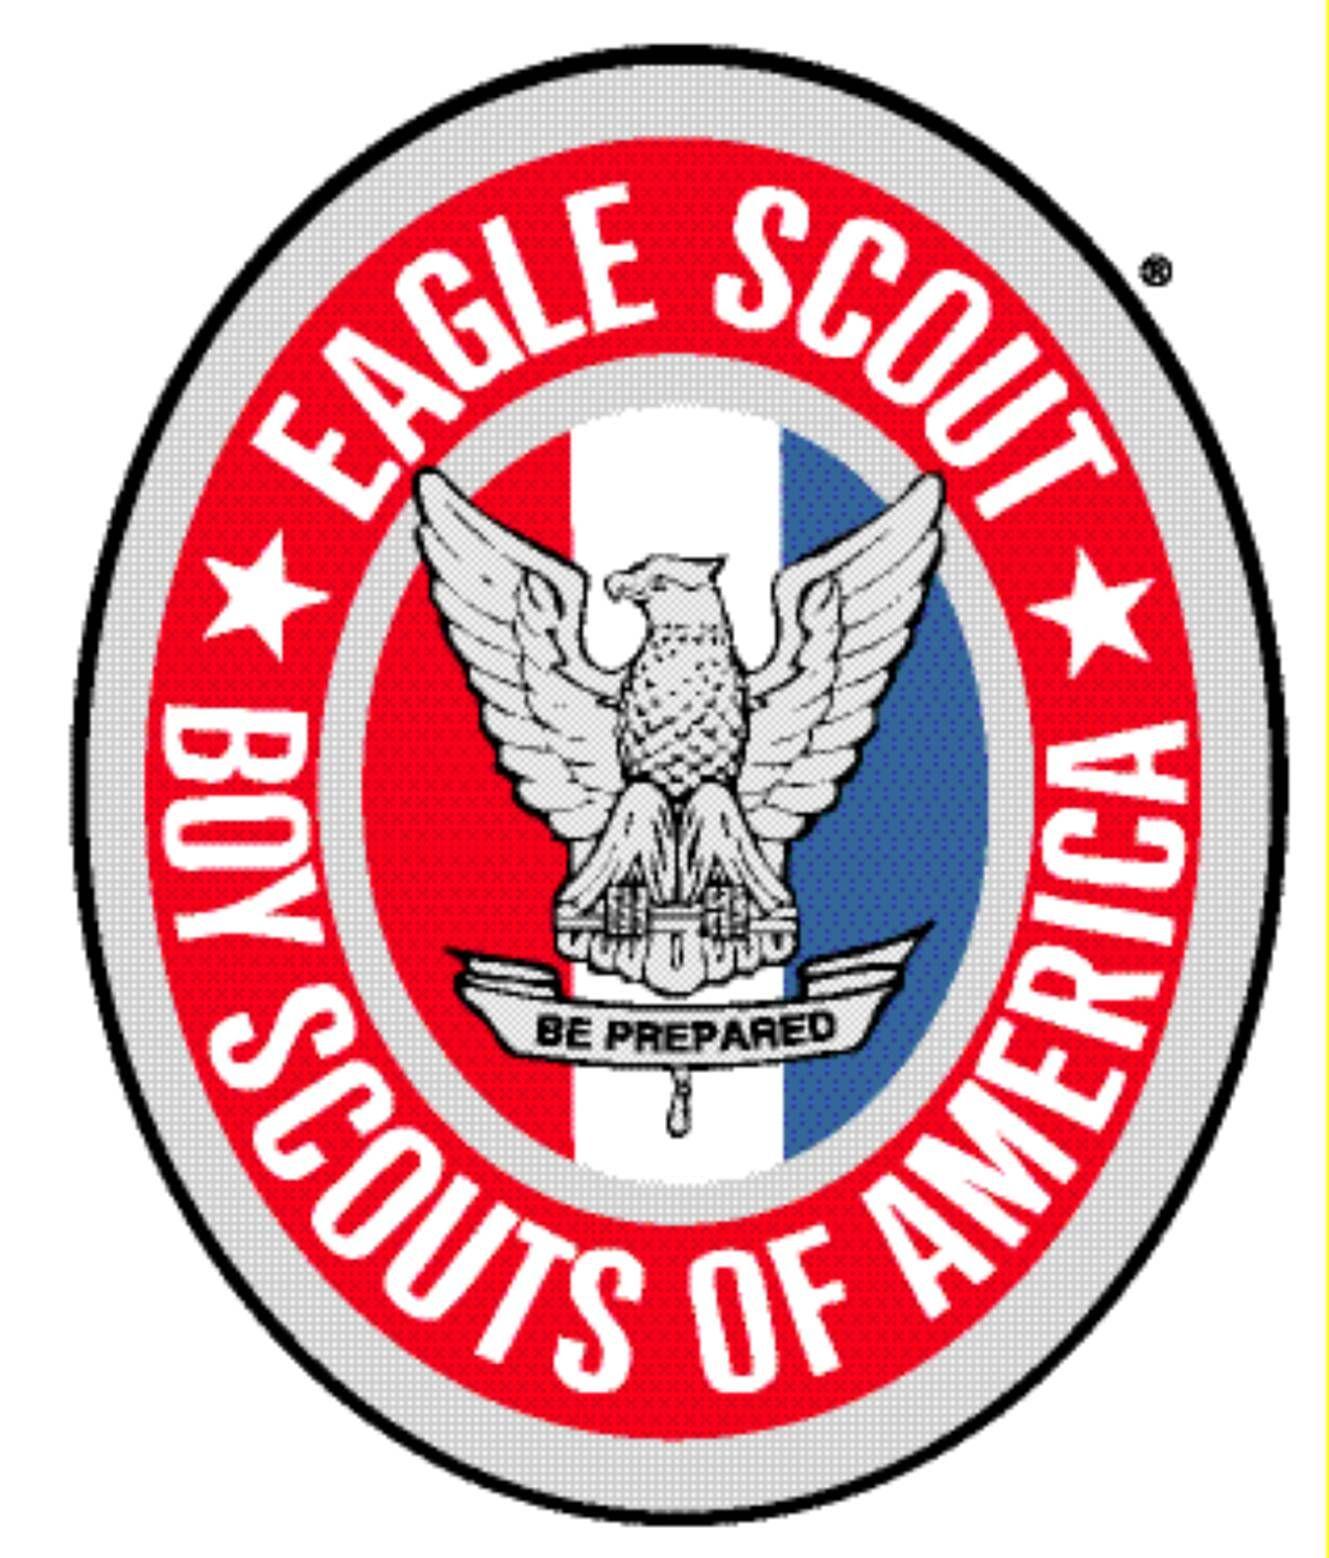 eagle scout patch clipart clipartfest 1329x1558 jpeg eagle rh pinterest com au boy scout clipart black and white boy scout clipart png